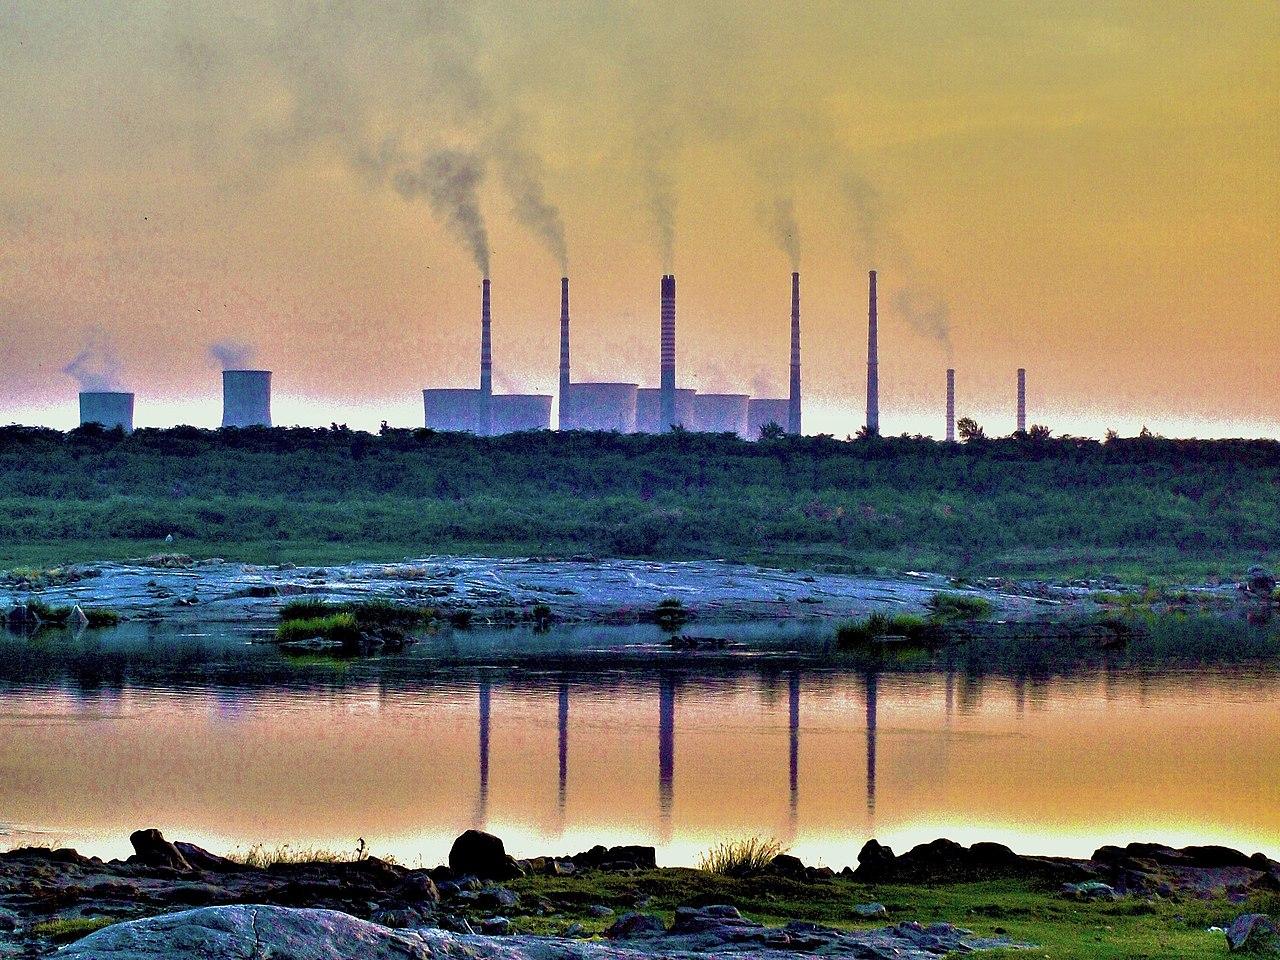 File:Raichur Thermal Power Station - 2012.jpg